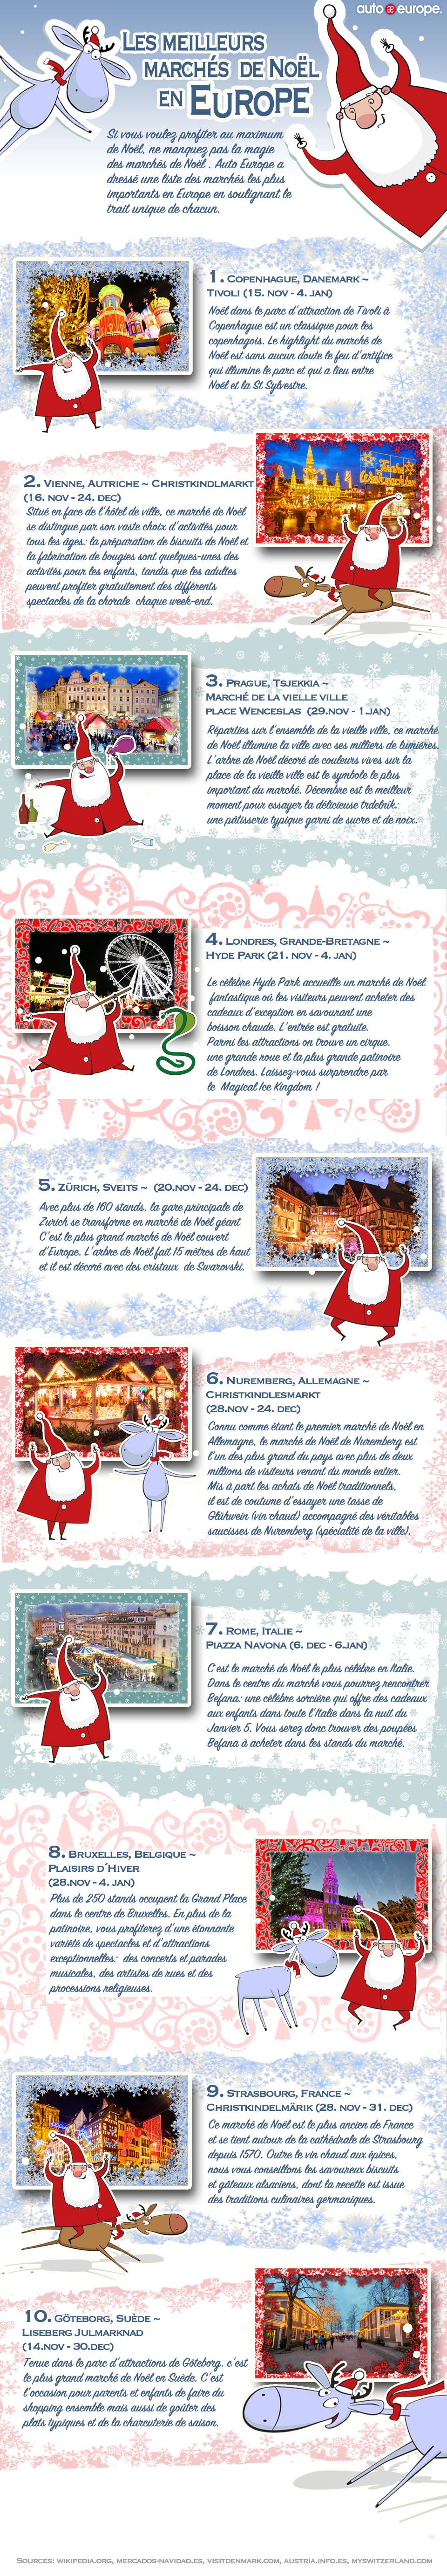 Les plus beaux marchés de Noël en Europe